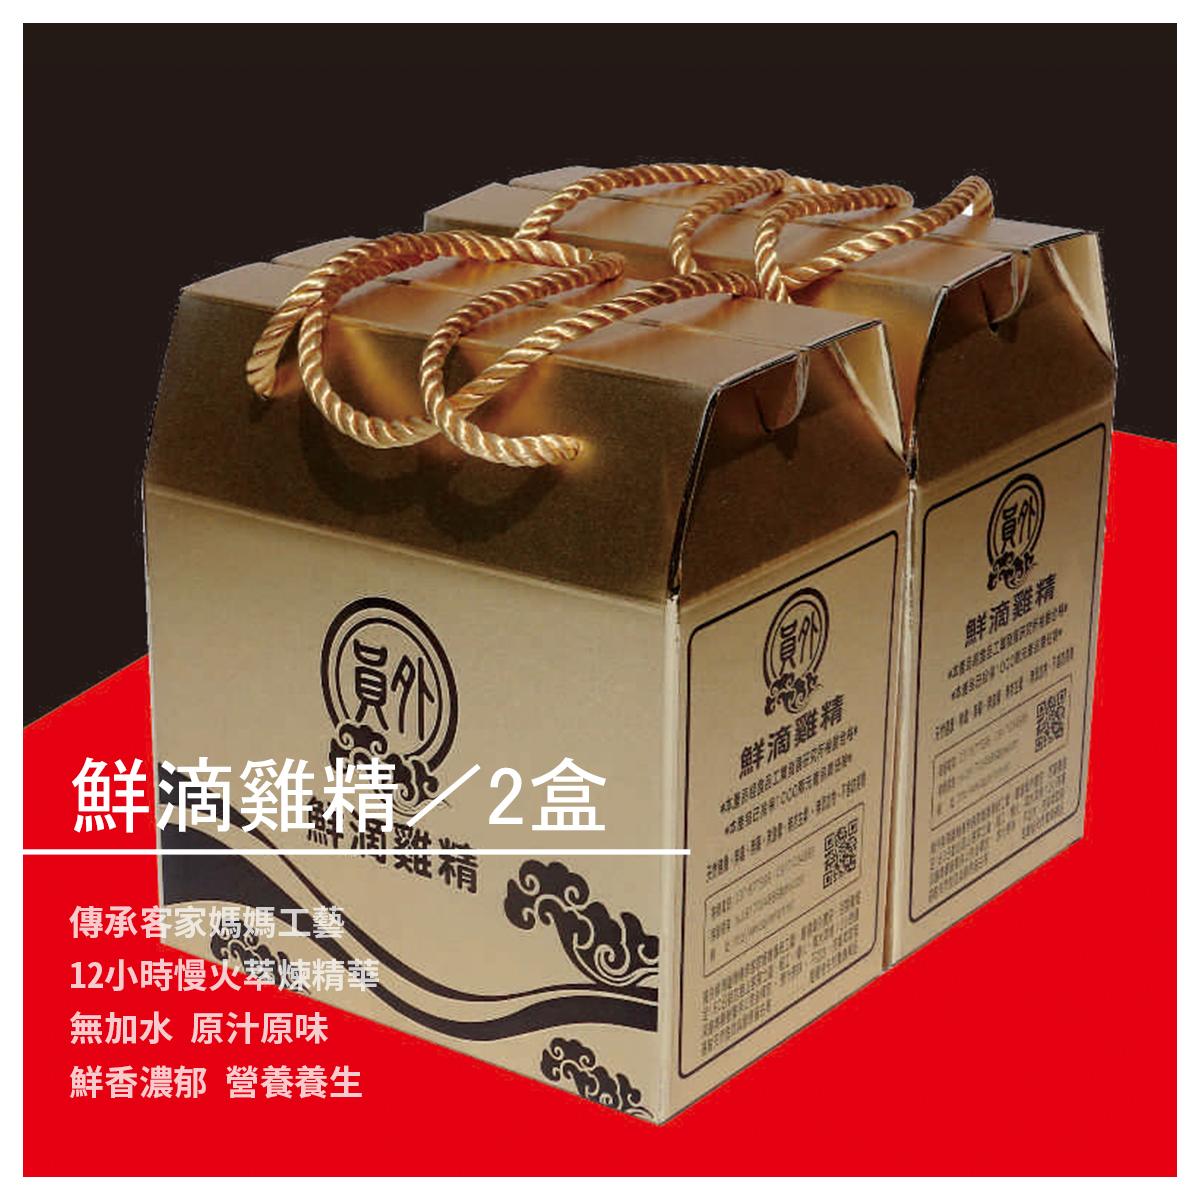 【員外農莊】鮮滴雞精/2盒